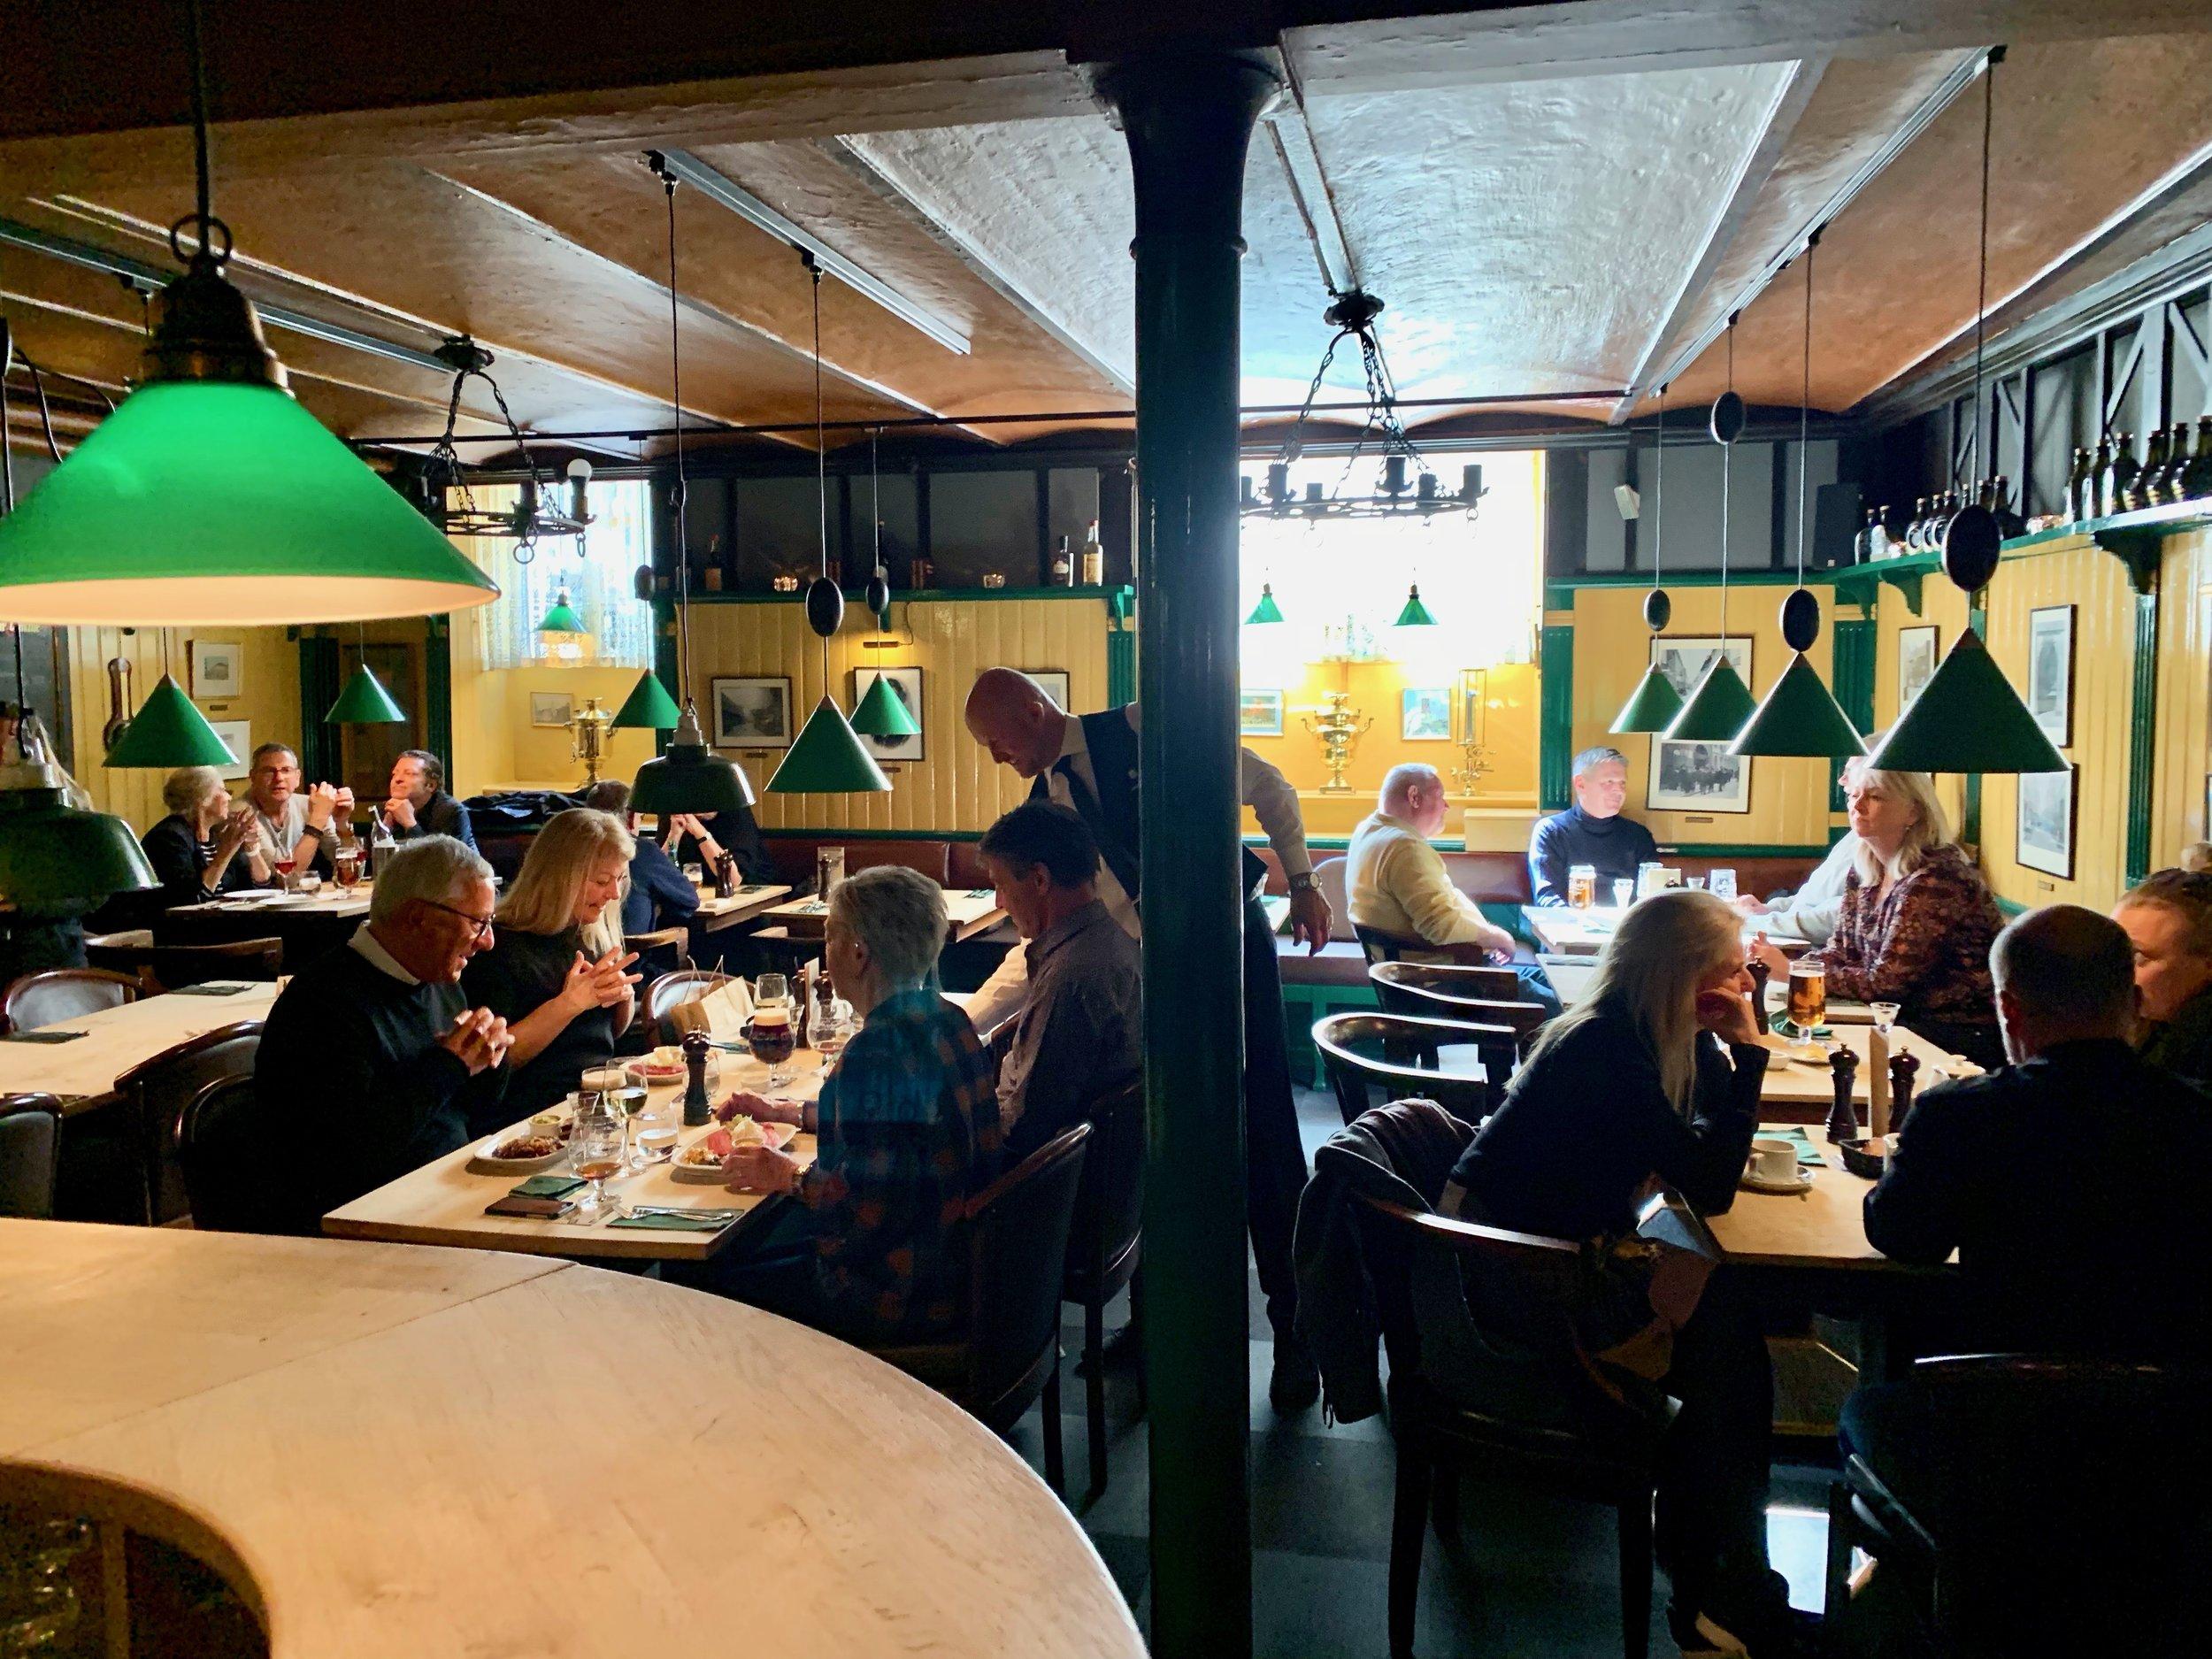 Velkommen til den brune kjellerrestauranten med de karakteristiske grønne lampene. Foto: Odd Roar Lange